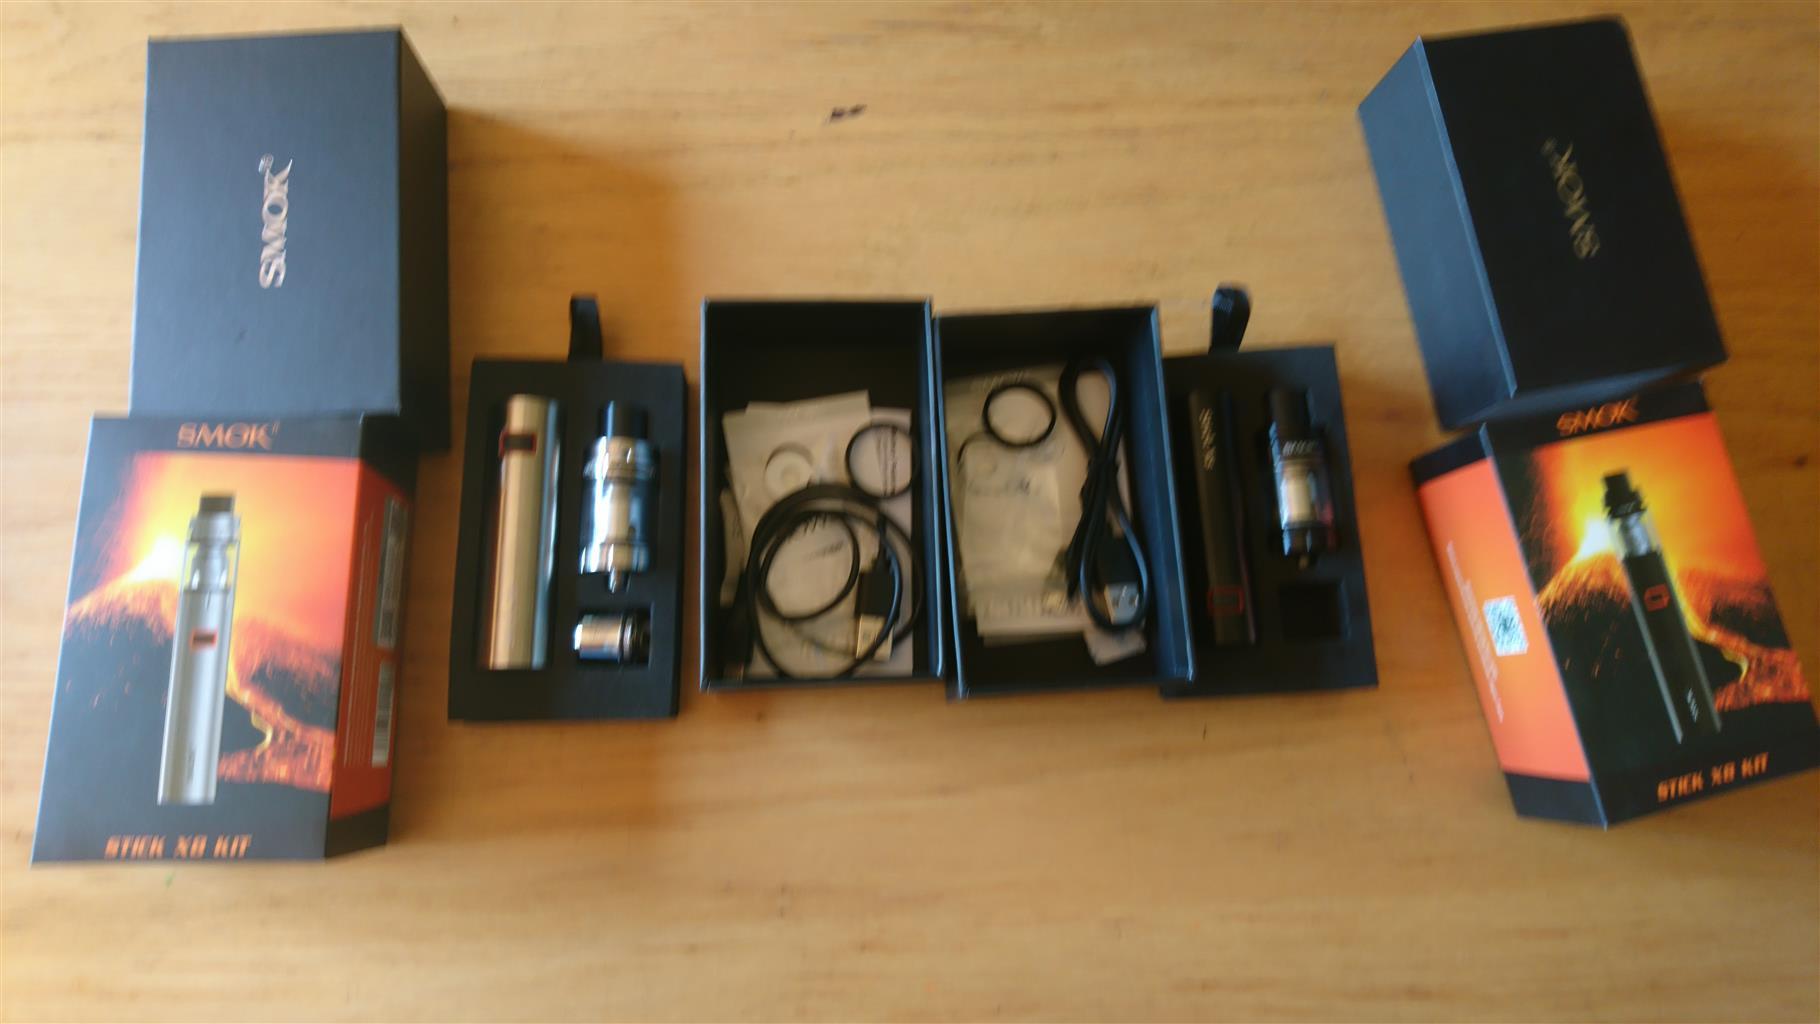 2x SMOK Stick X8 Kits